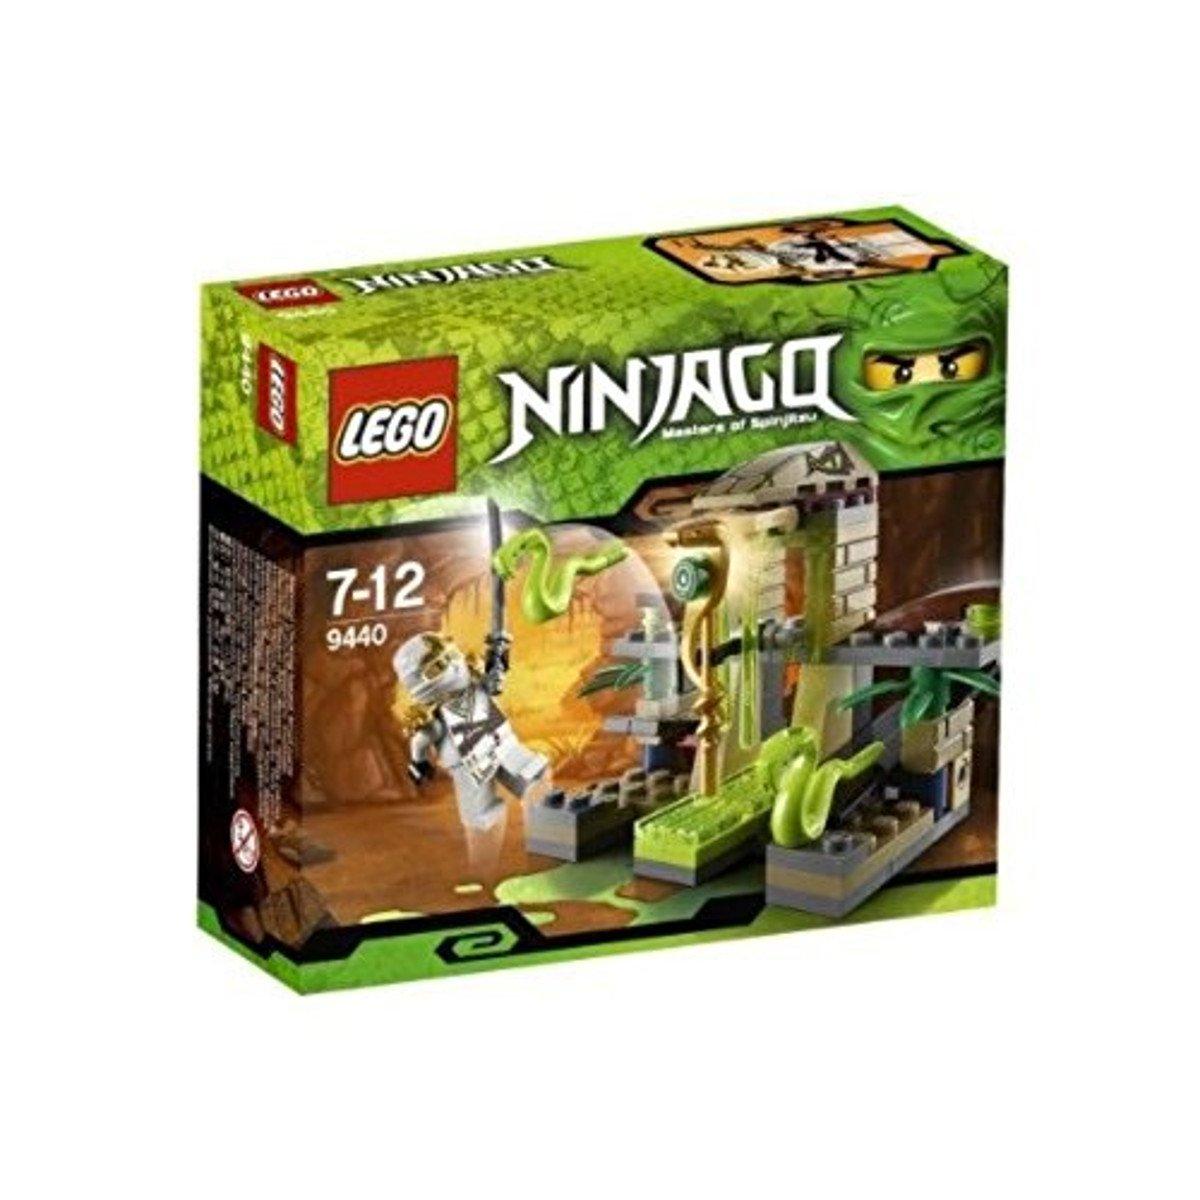 LEGO Ninjago 9440 - El Santuario de Las Serpientes